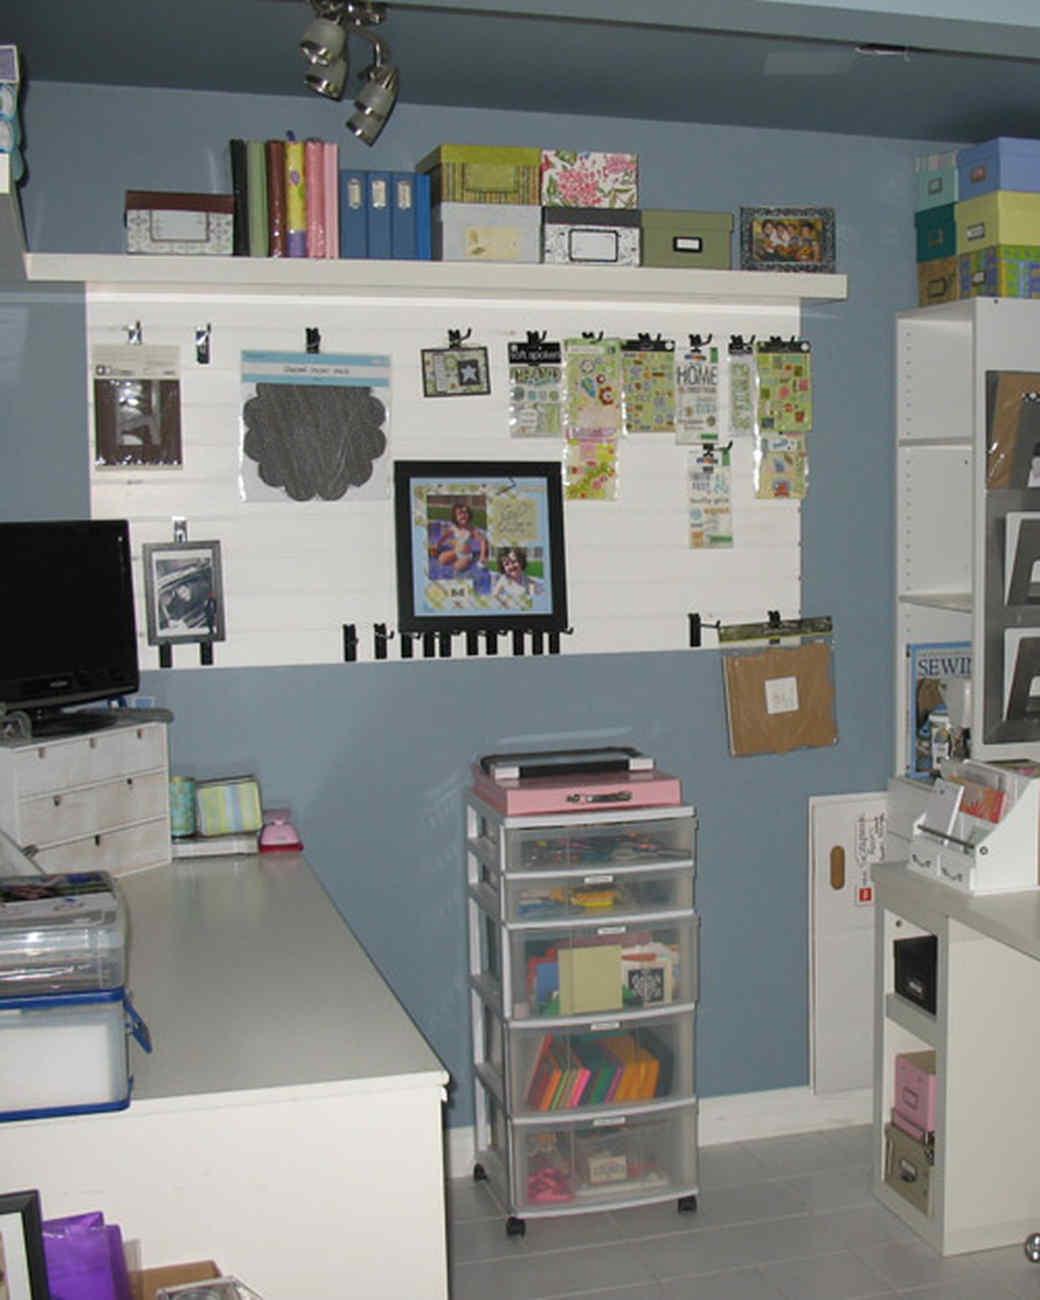 ugc_craftroom_6373594_11354733.jpg